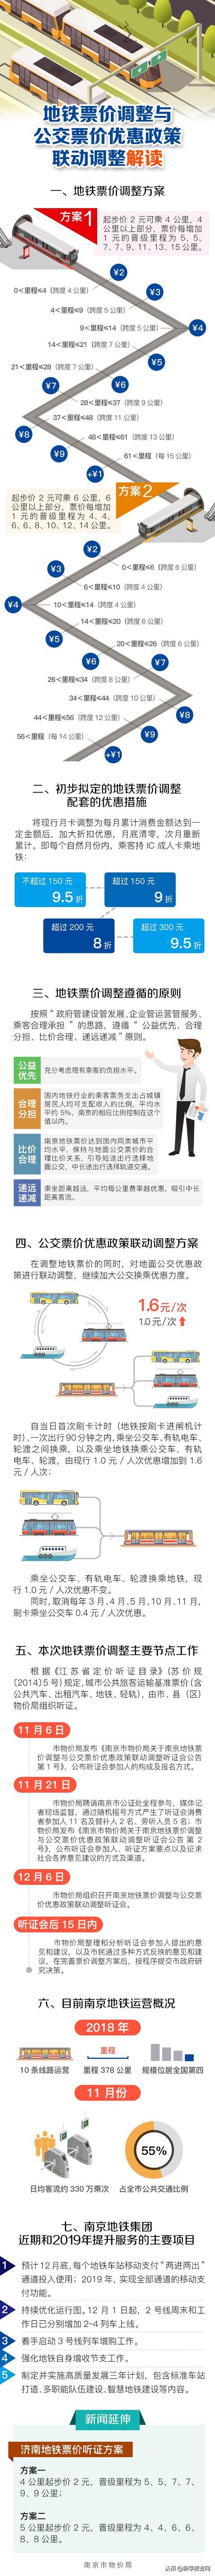 南京地铁票价调整听证会投票结果出炉,将上报市政府决策!